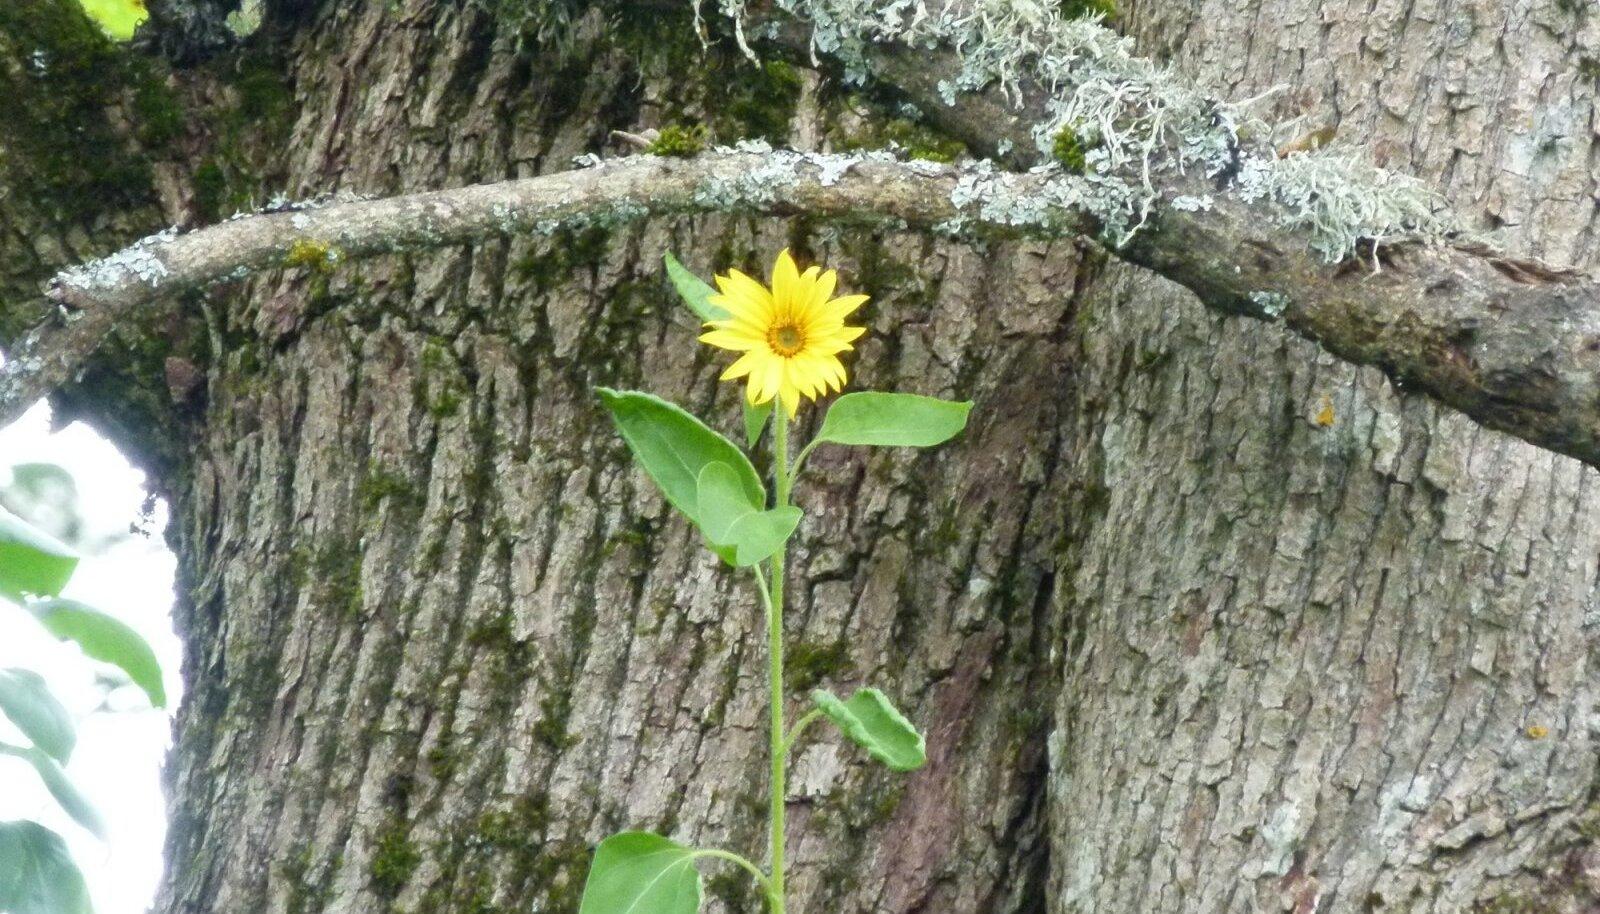 Selleaastane ime vana vahtra otsas – umbes kümne meetri kõrgusel, kus puu kaheks hargneb, kasvama hakanud päevalill. Ta kasvas, õilmitses, kuni ühel hommikul oli murdunud.